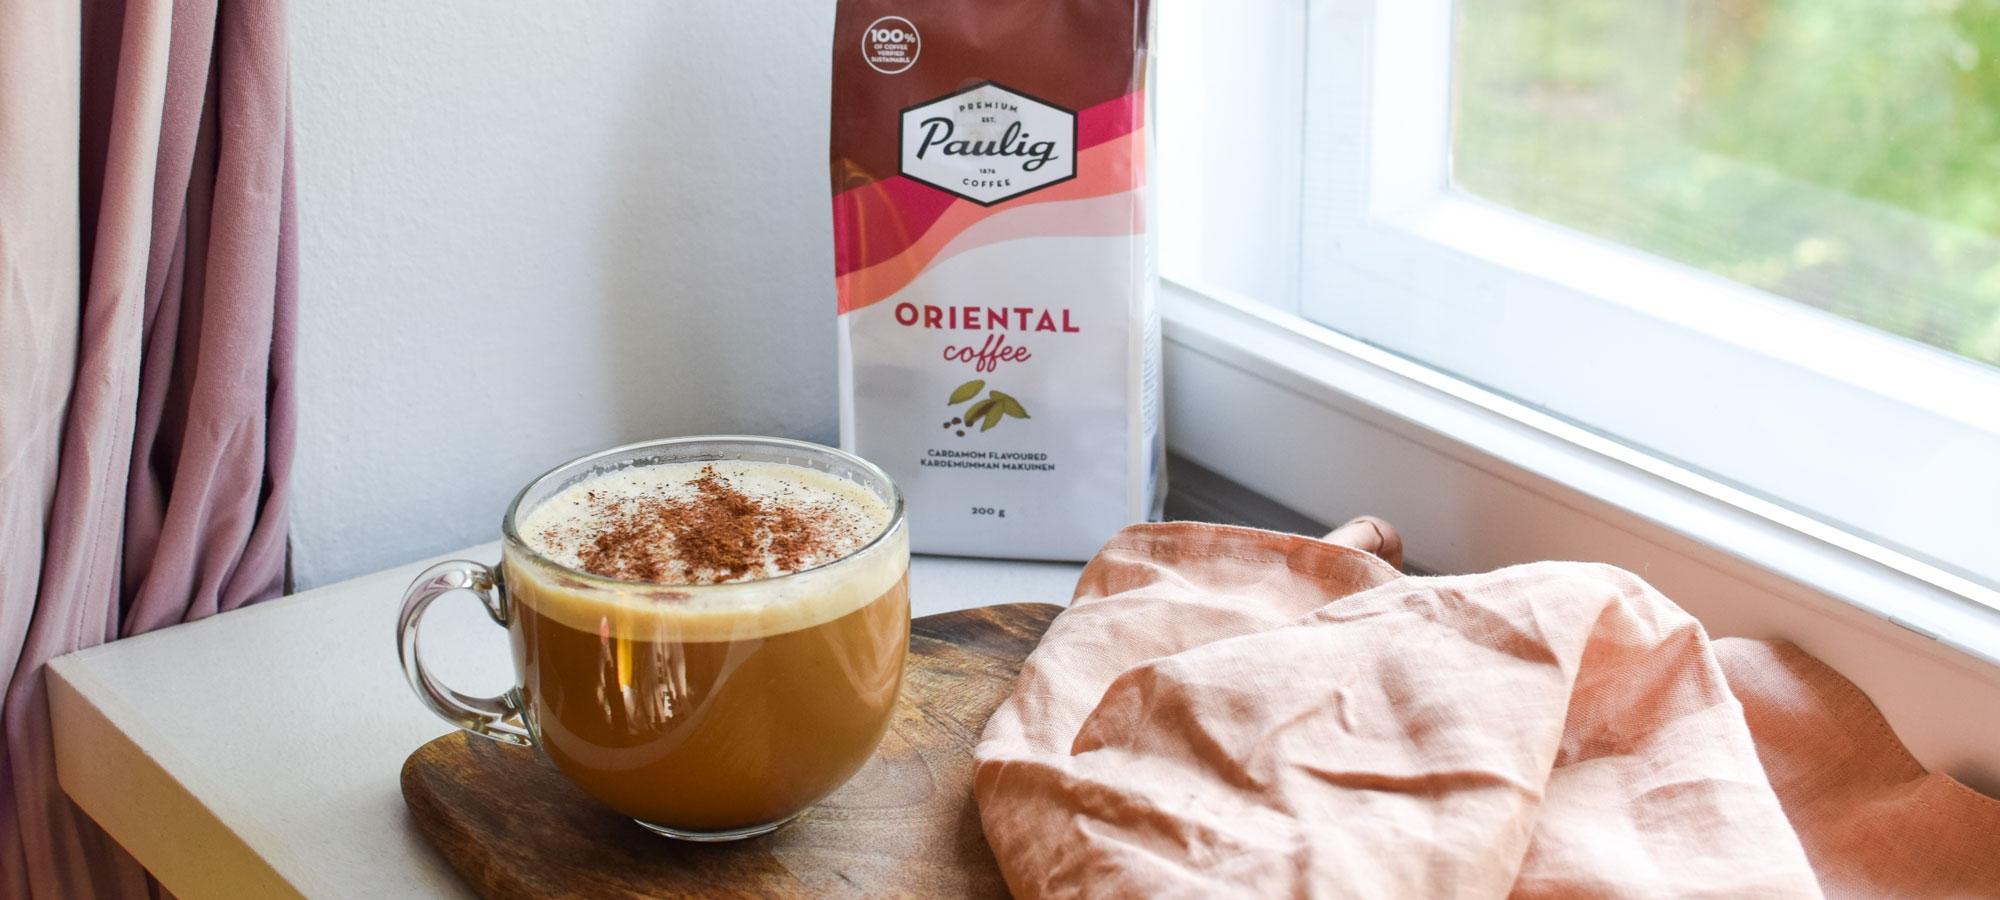 Chai café latte loihditaan Pauligin mausteisesta kardemumman makuisesta Oriental kahvista